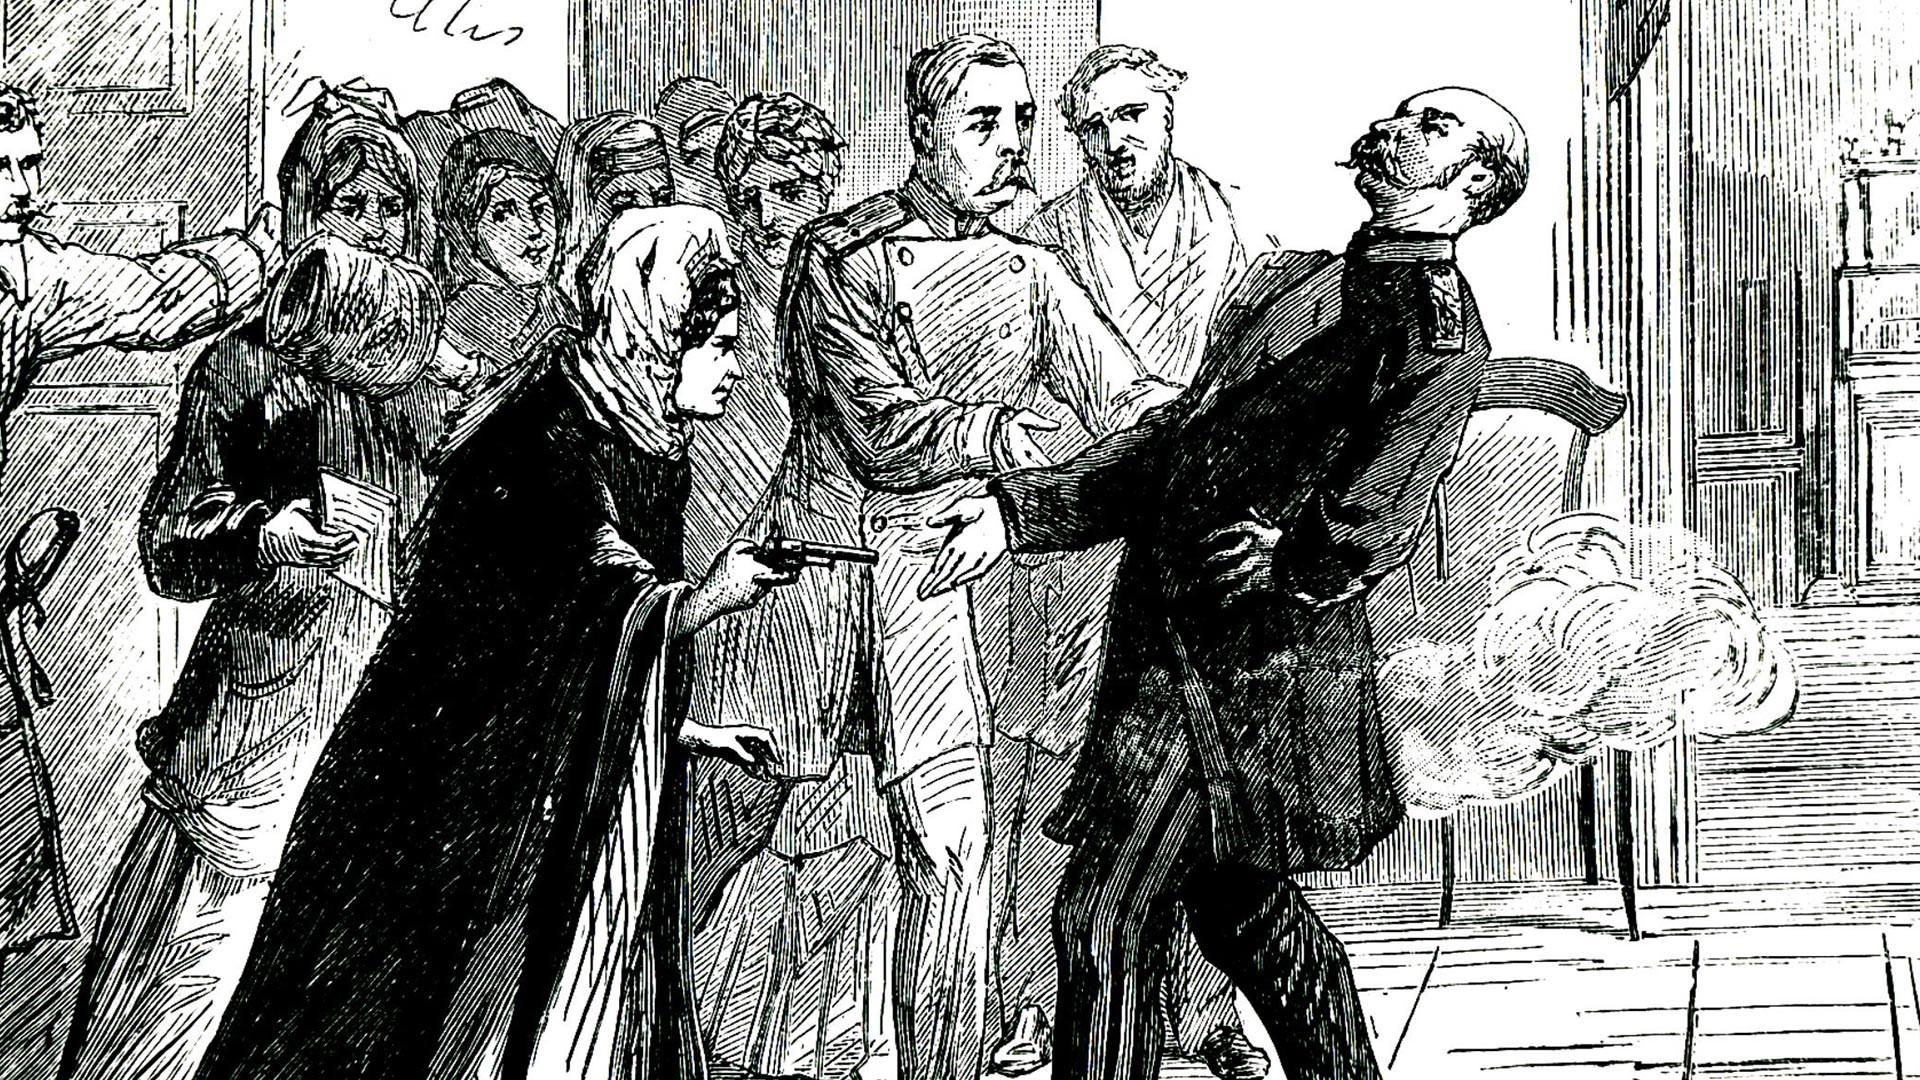 Vera Zassoulitch (1849-1919) tentant d'assassiner Fiodor Trepov, chef de la police de Saint-Pétersbourg. Elle n'a pu que le blesser et durant son procès, elle sera acquittée.